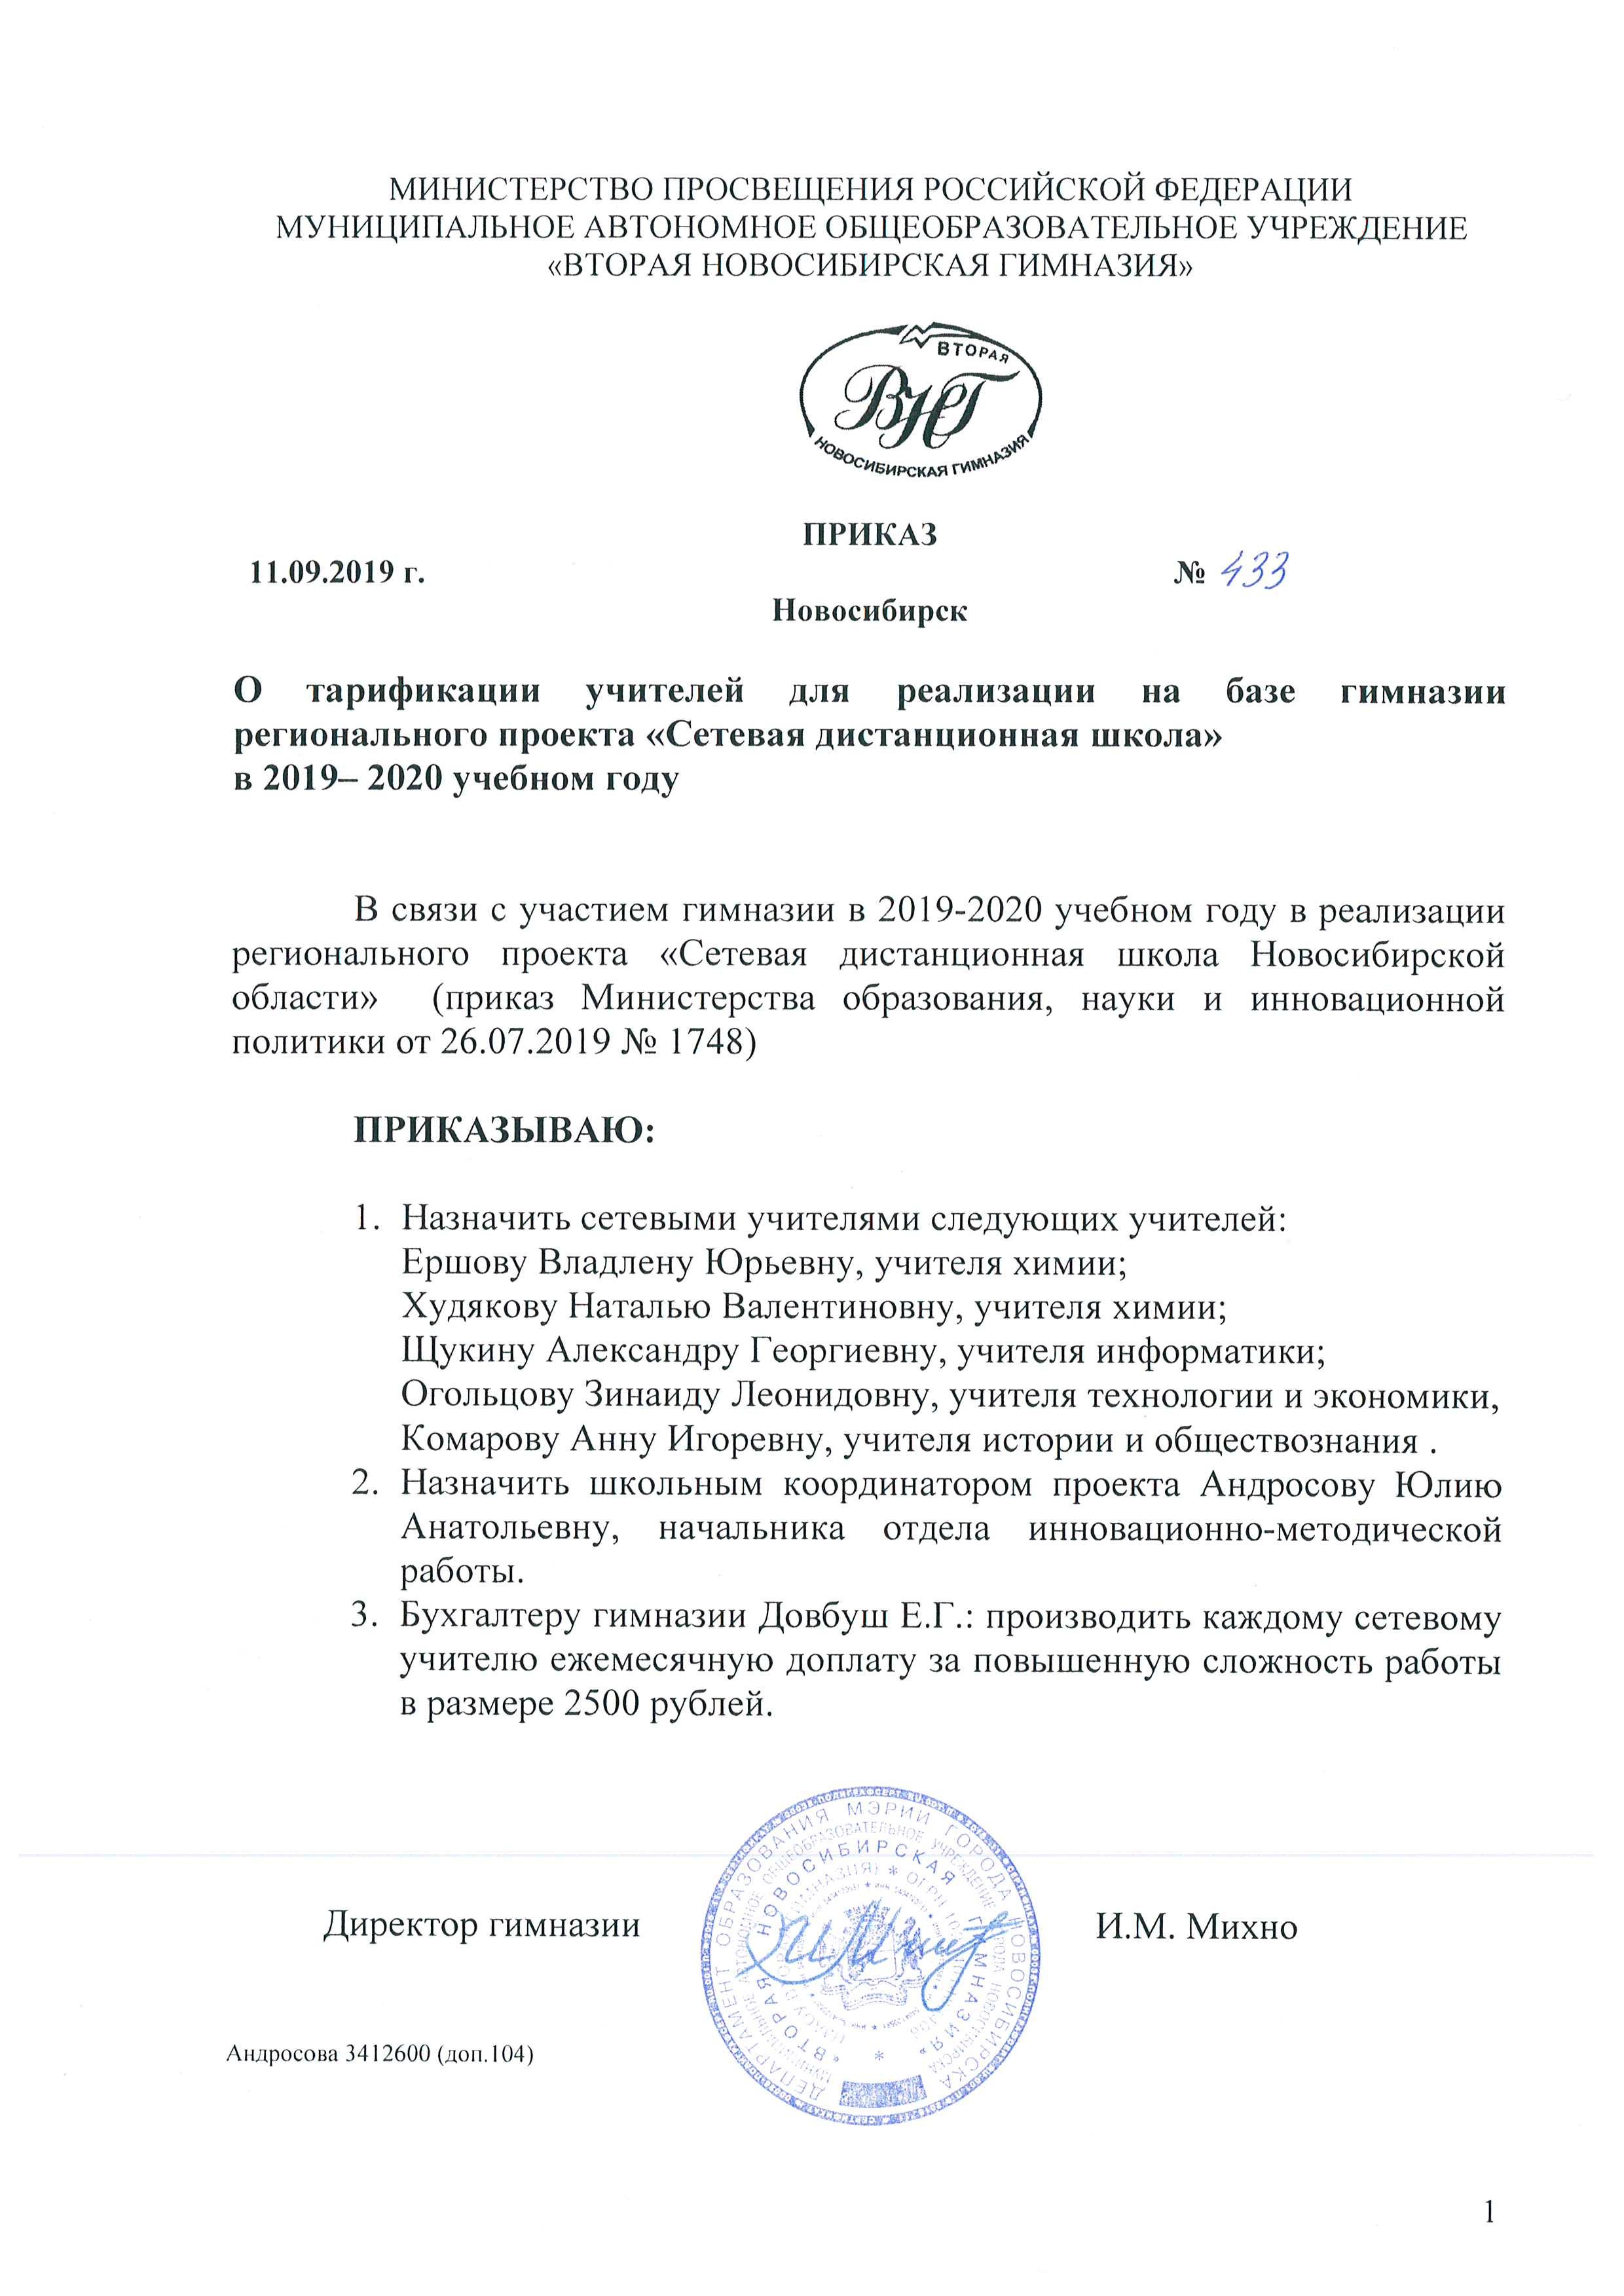 """Тарификация учителей по проекту """"Сетевая дистанционная школа"""" в 2019 - 2020 учебный год"""